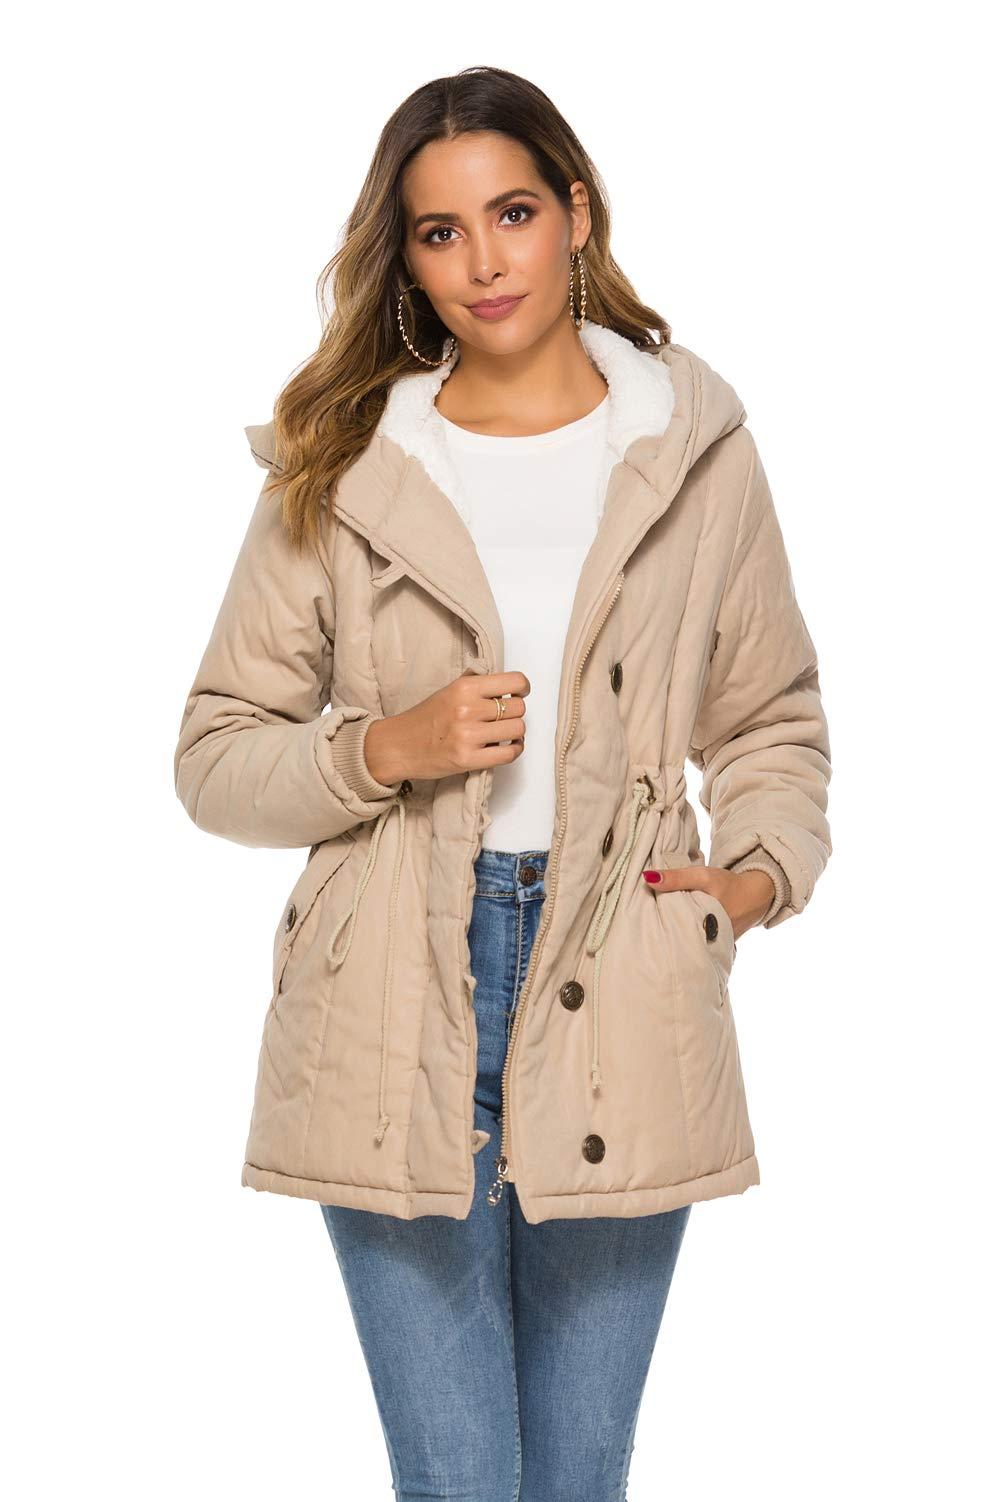 Eleter Women's Winter Warm Coat Hoodie Parkas Overcoat Fleece Outwear Jacket with Drawstring (2X-Large, Khaki) by Eleter